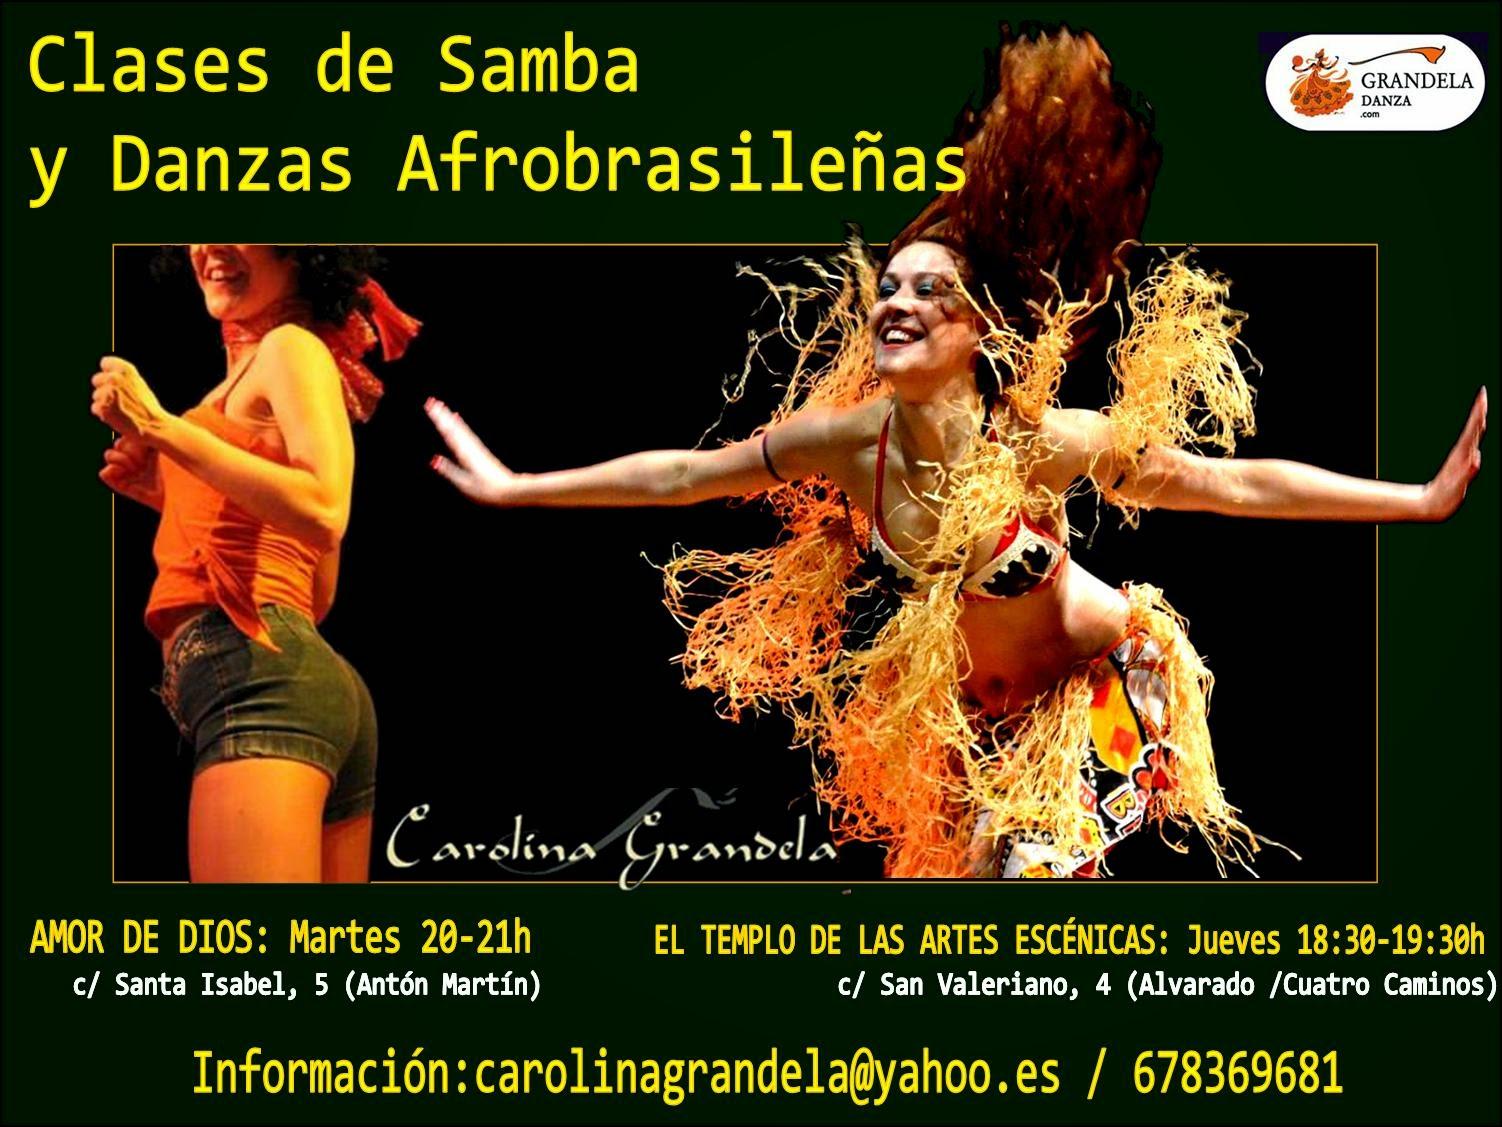 Clases de Samba y Danzas Afrobrasileñas